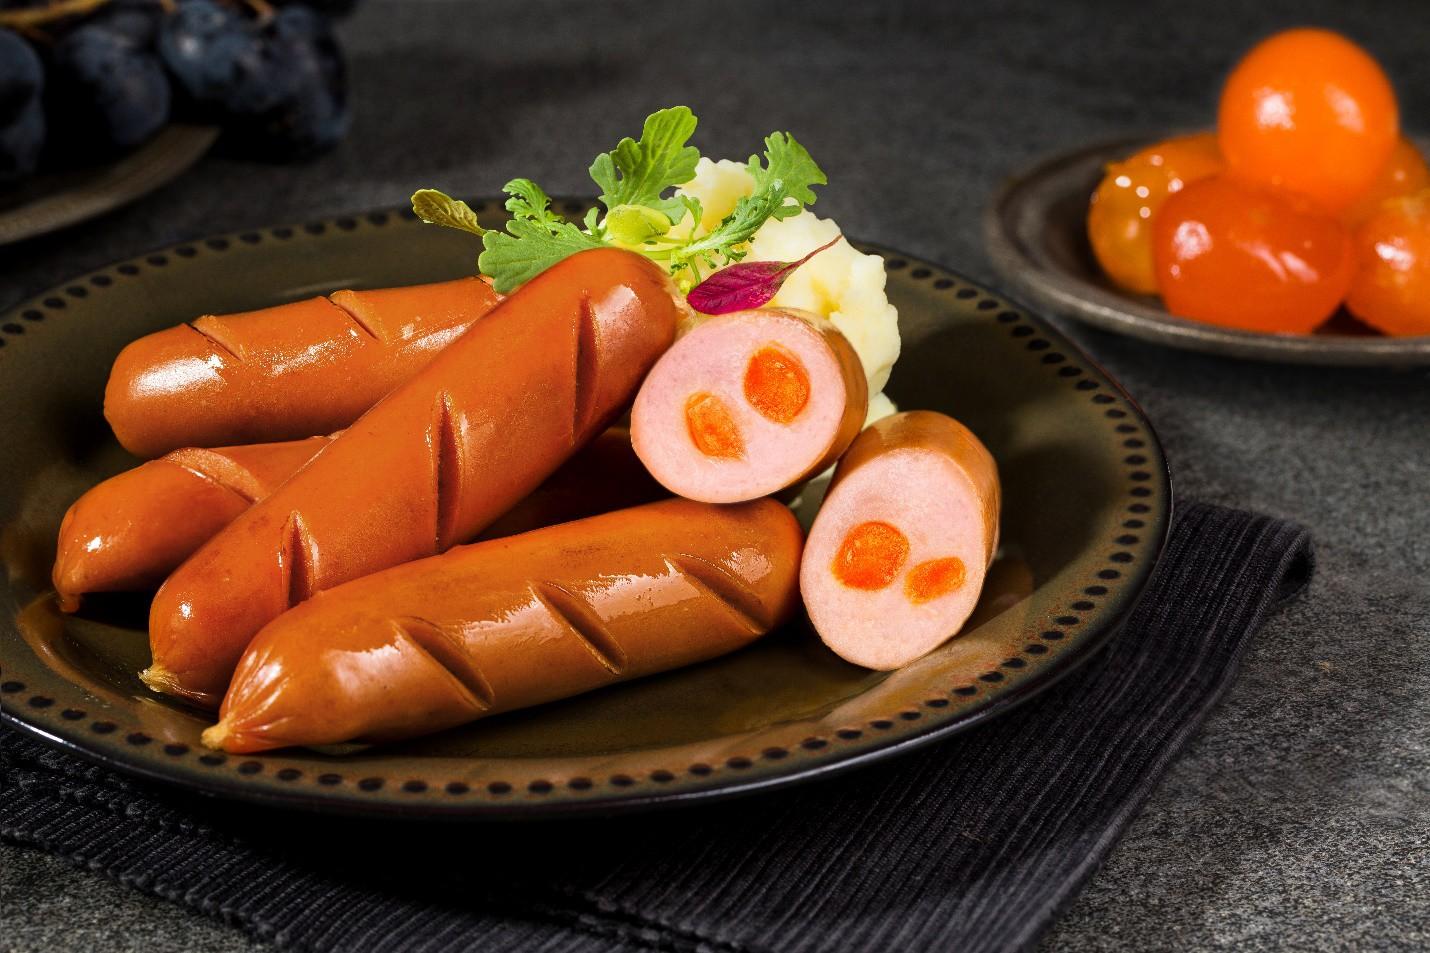 4 món ngon hot trend chuẩn 5 sao team thích thịt không thể bỏ lỡ! - Ảnh 5.